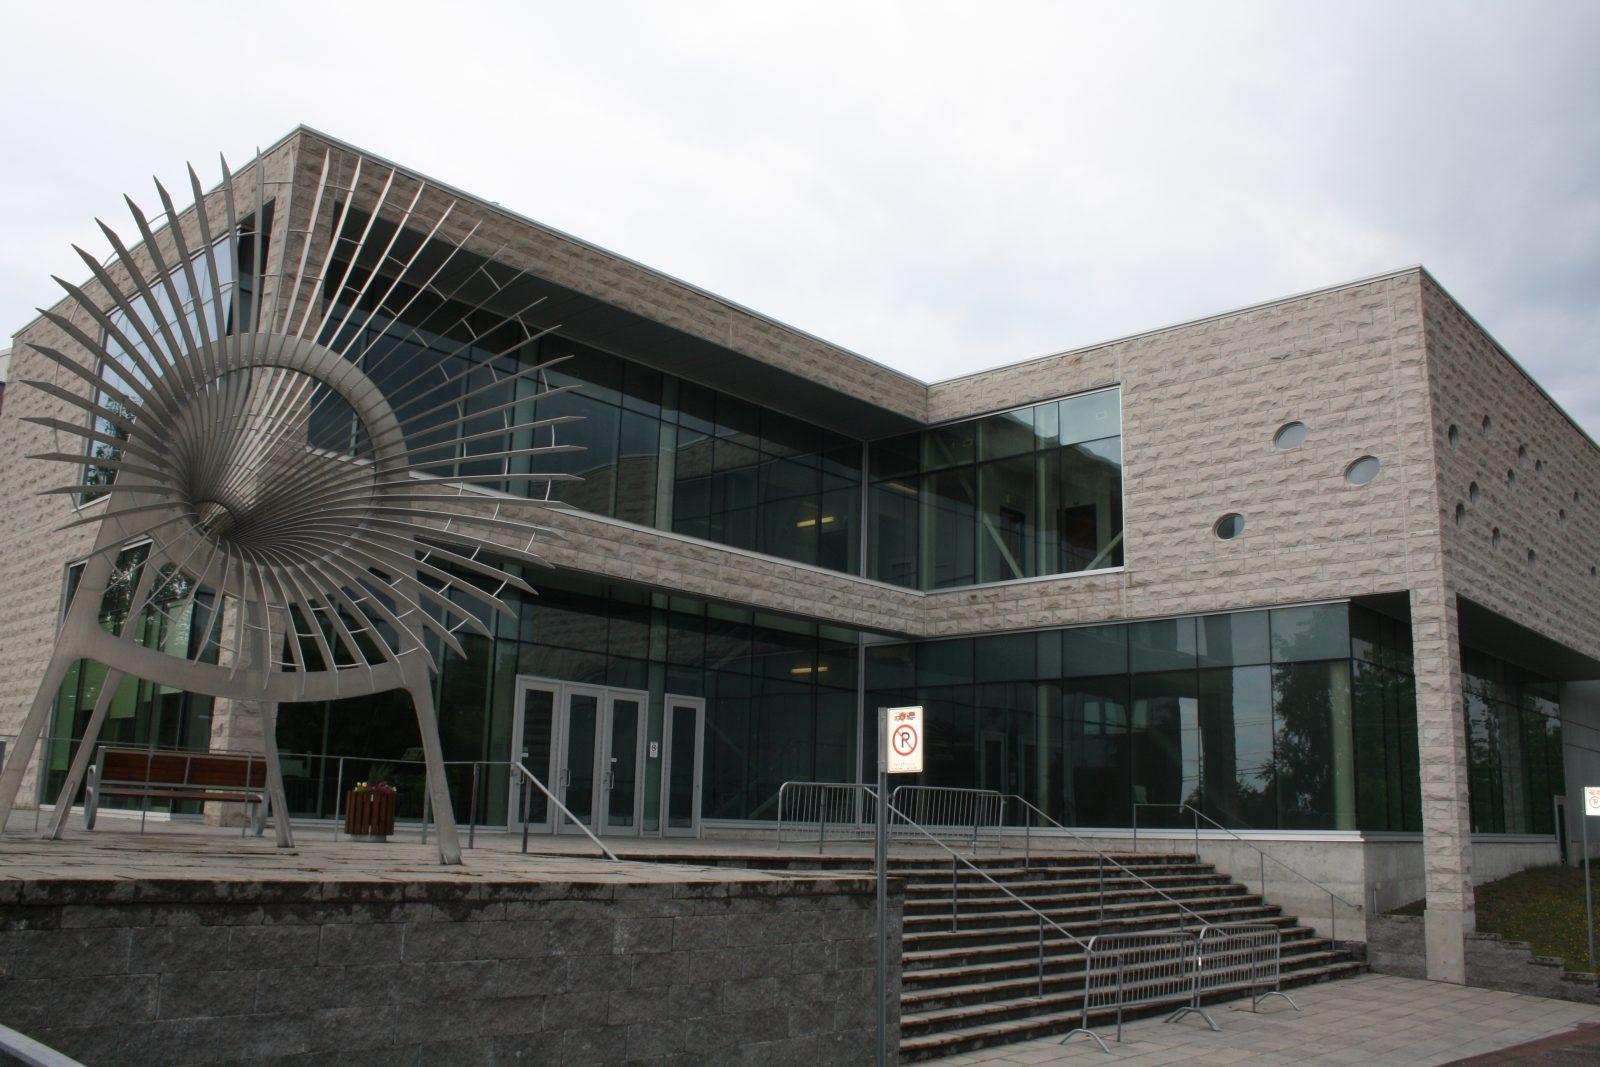 Le Centre des arts de Baie-Comeau rouvrira le 26 février sous de nouvelles consignes